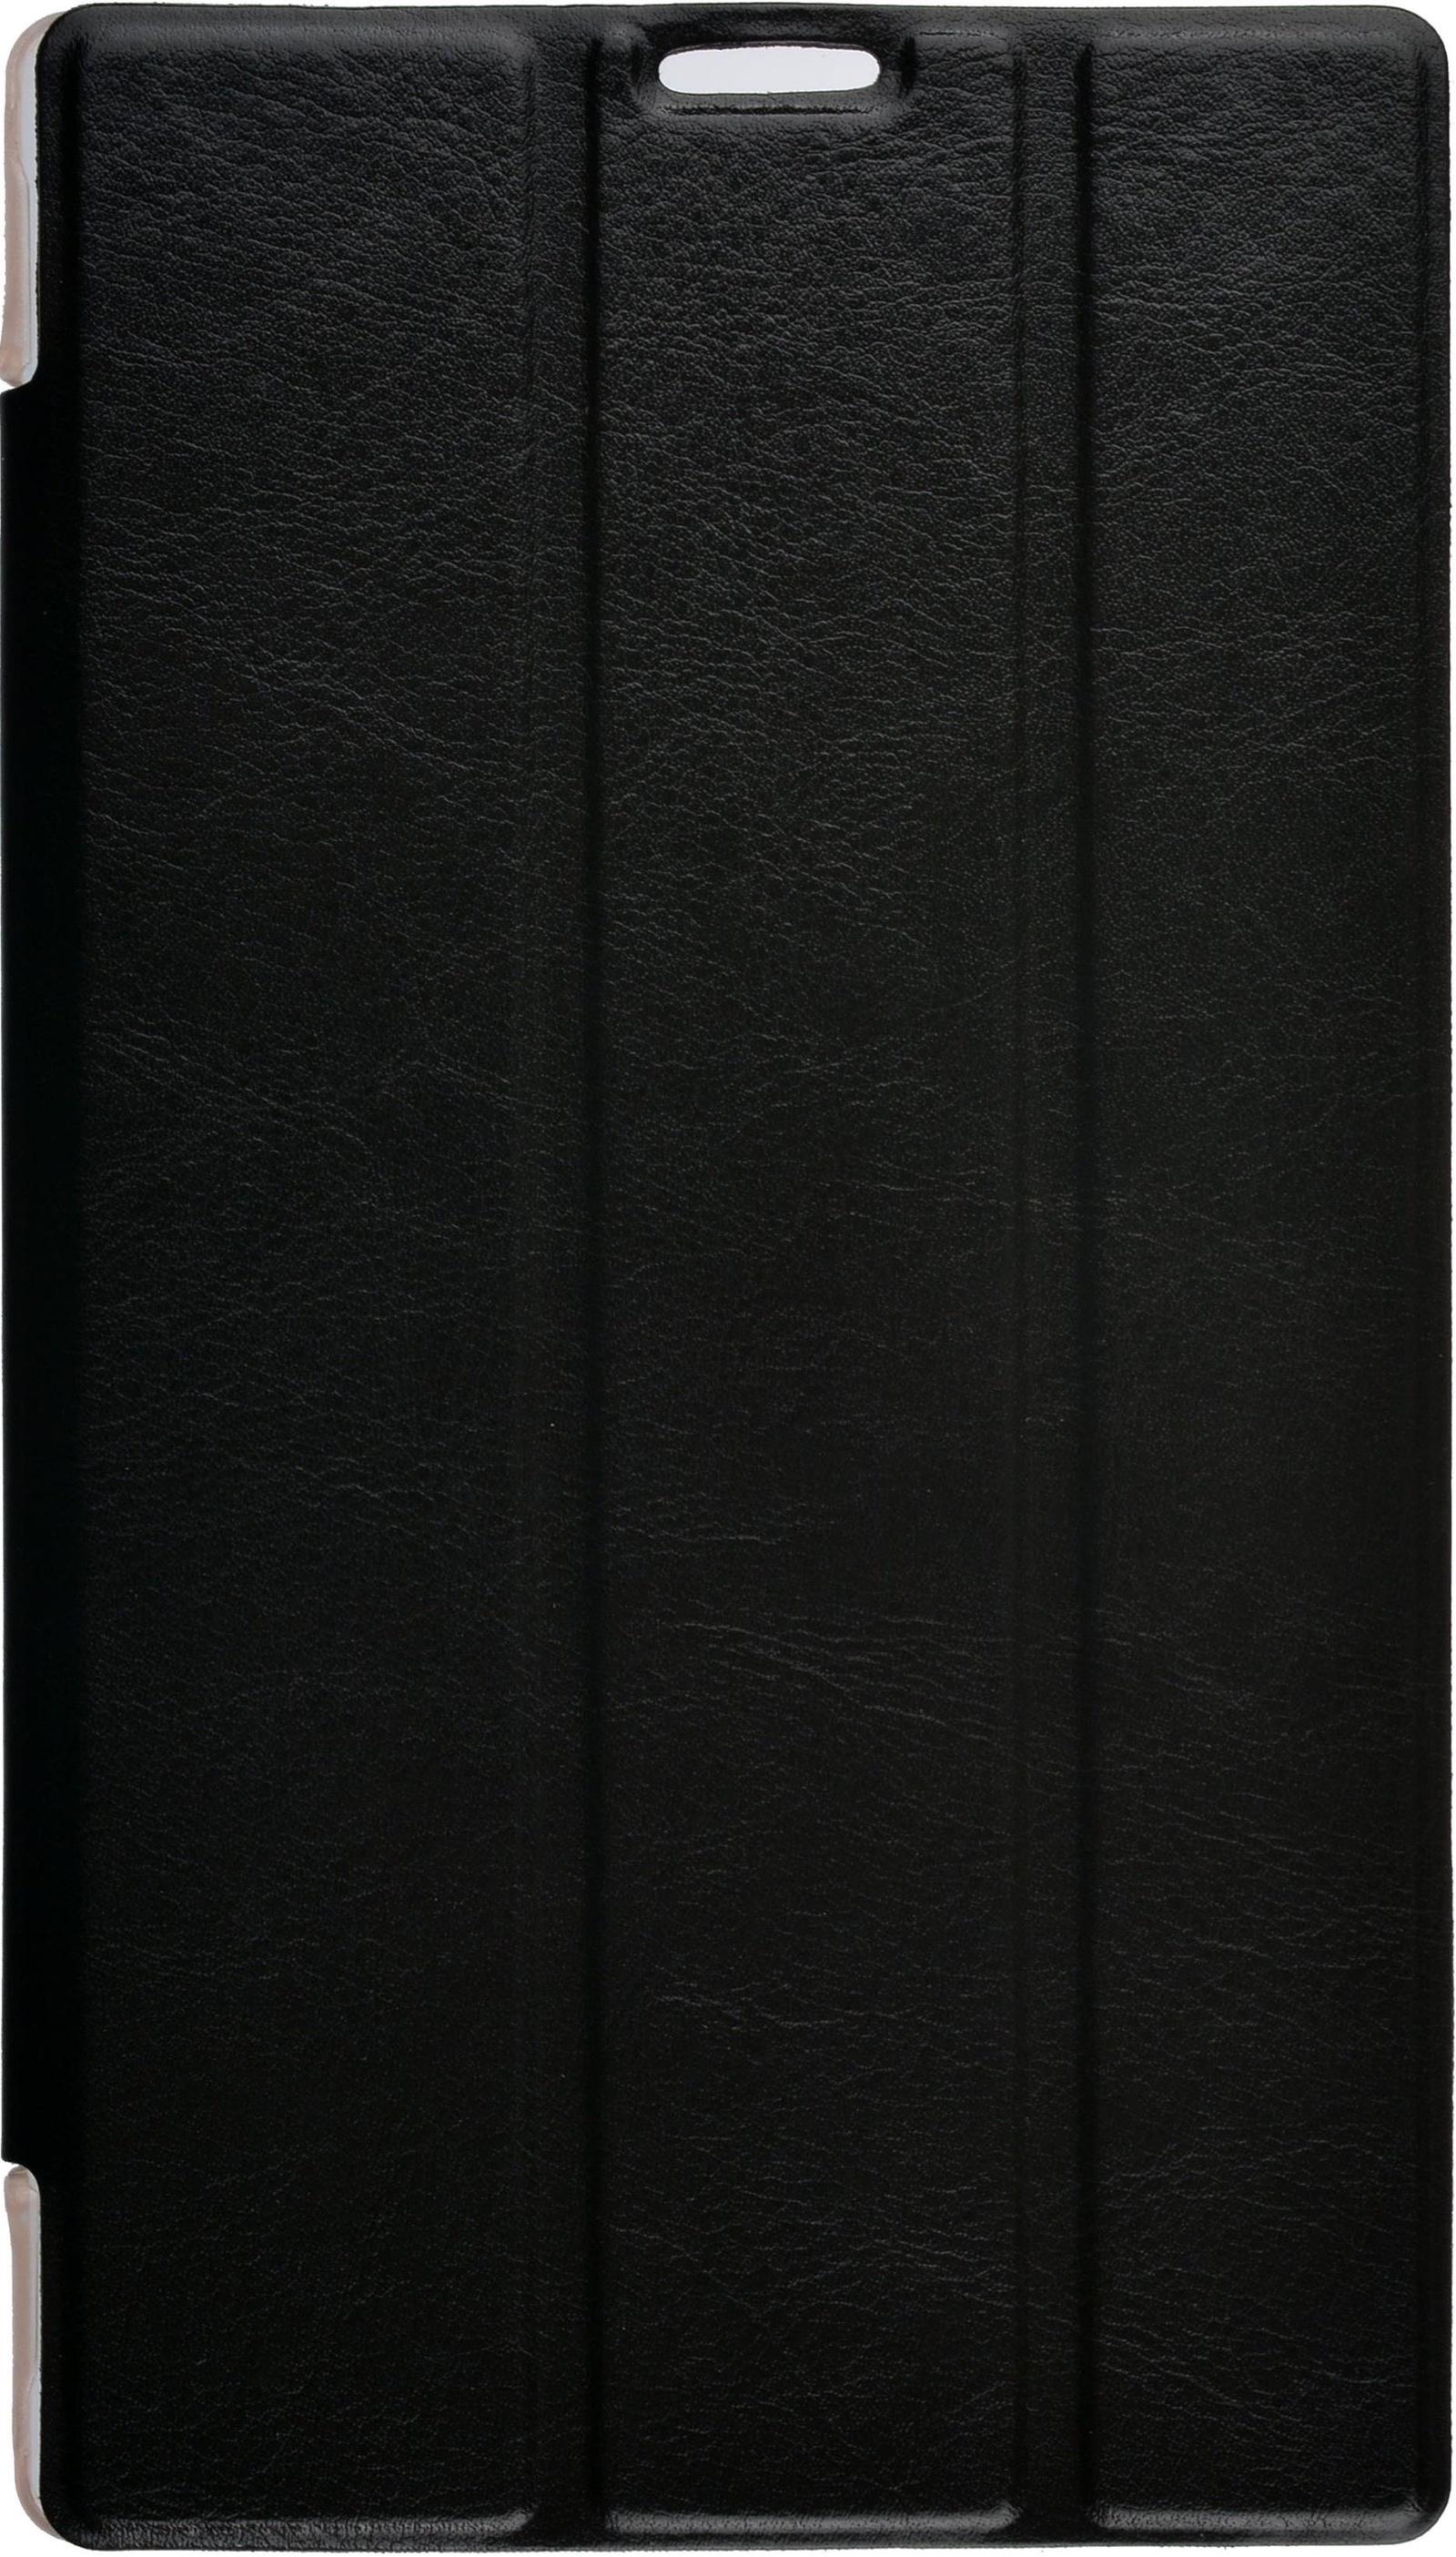 Чехол для планшета ProShield Smart, 4630042527768, черный